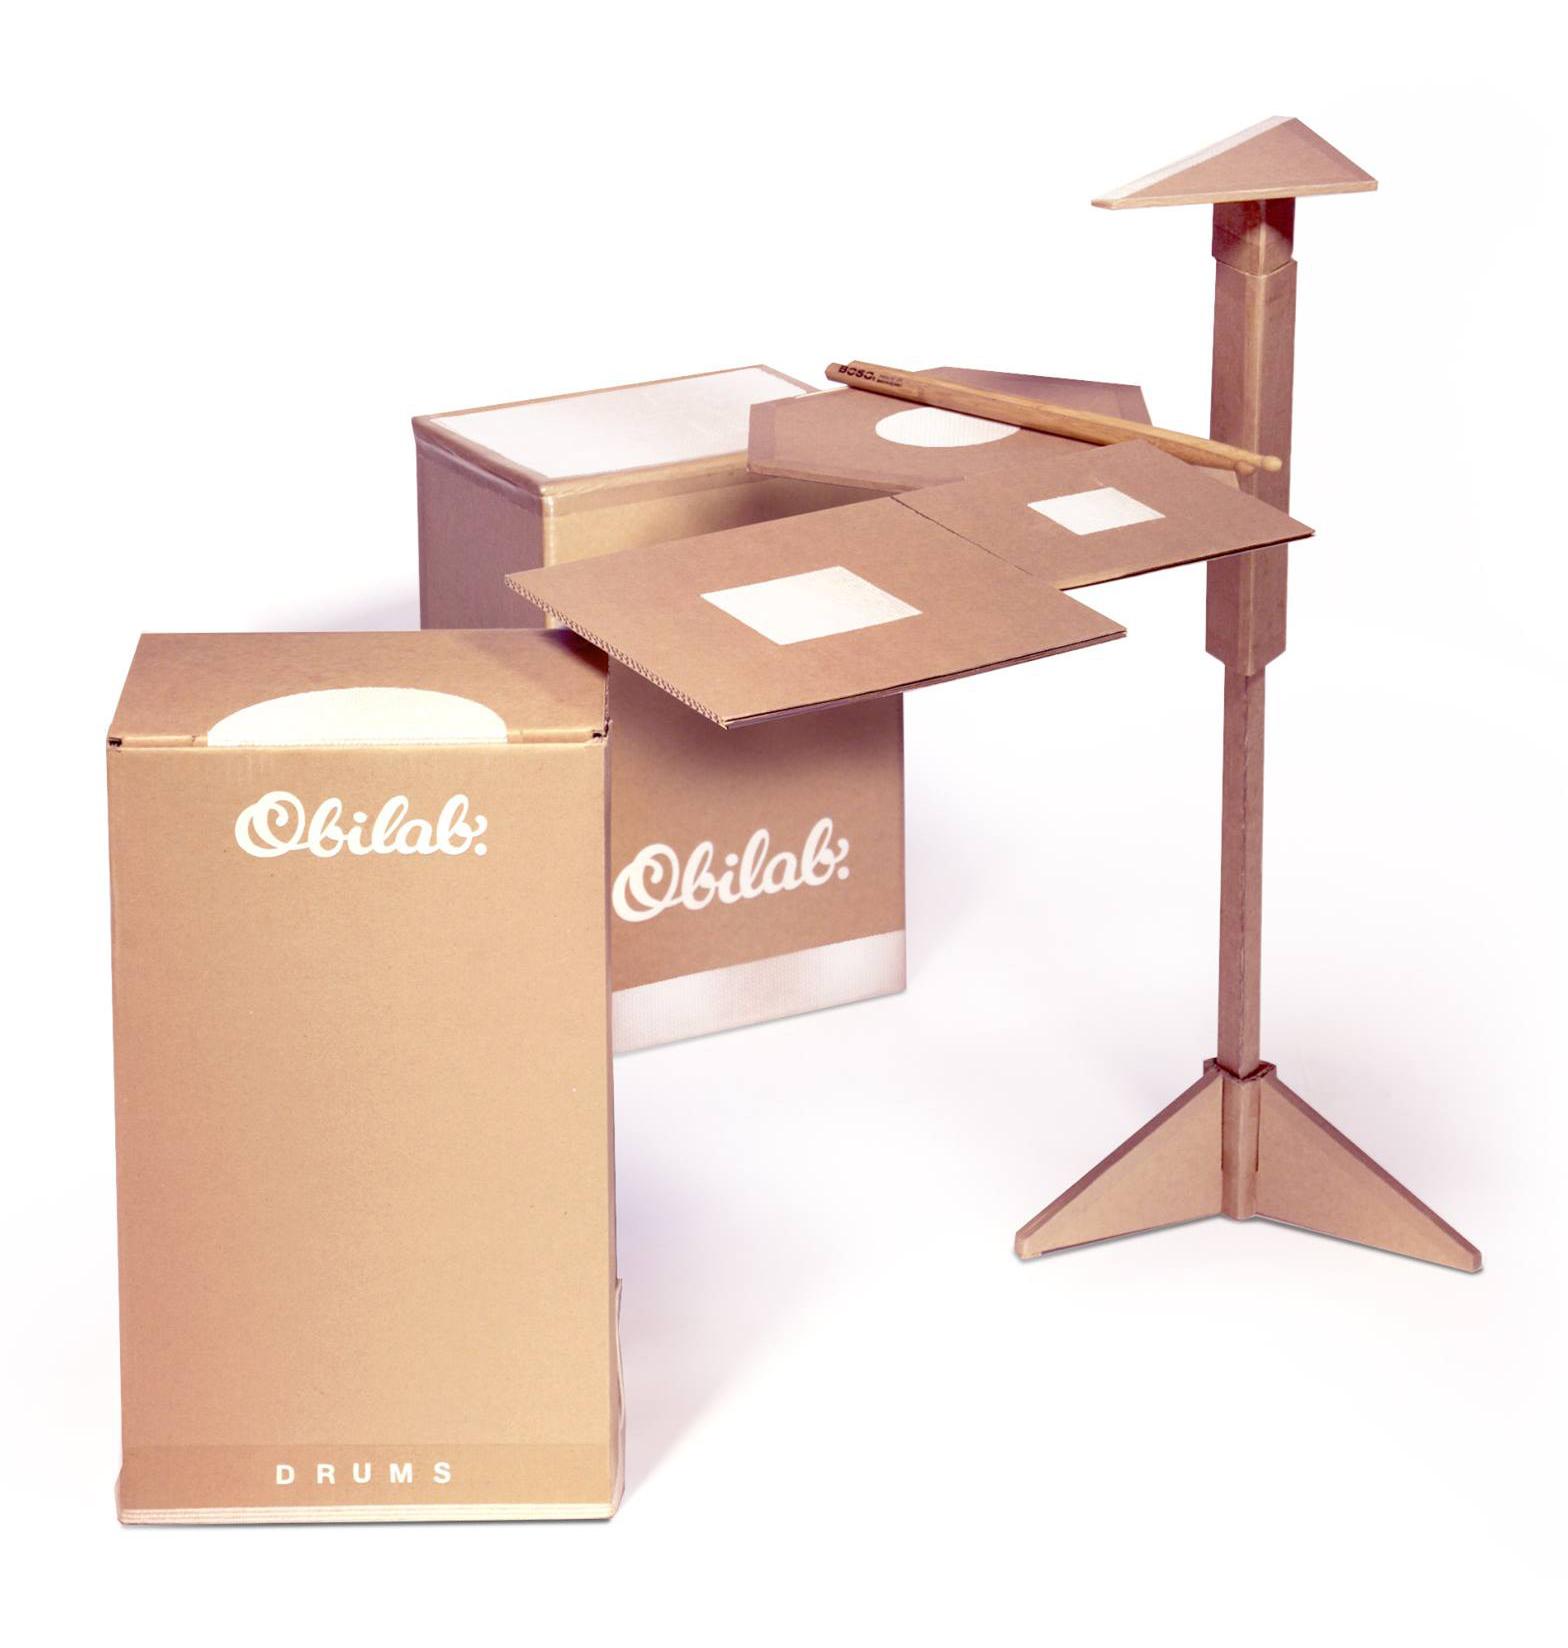 Cardboard drumkit by Obilab